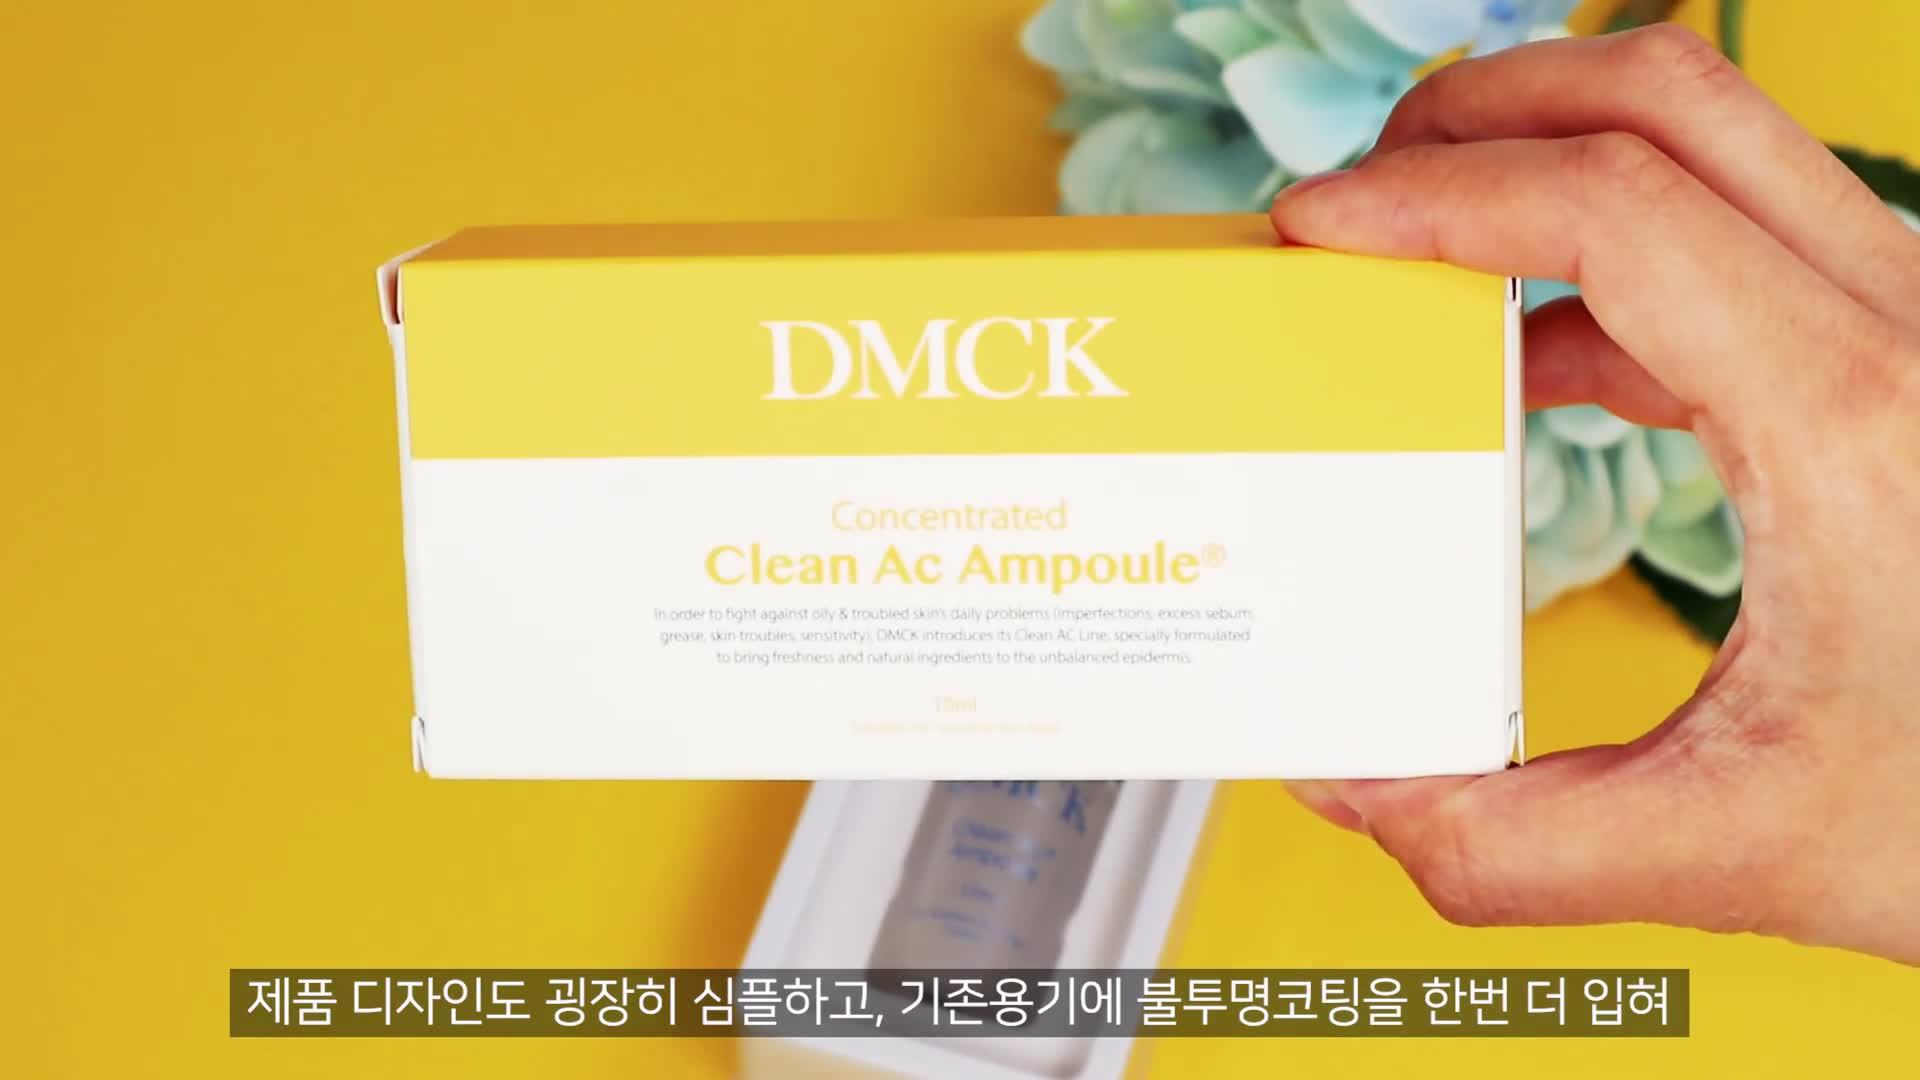 [1분팁] 여드름화장품추천 DMCK 클린 아크 앰플 드디어 써봄!